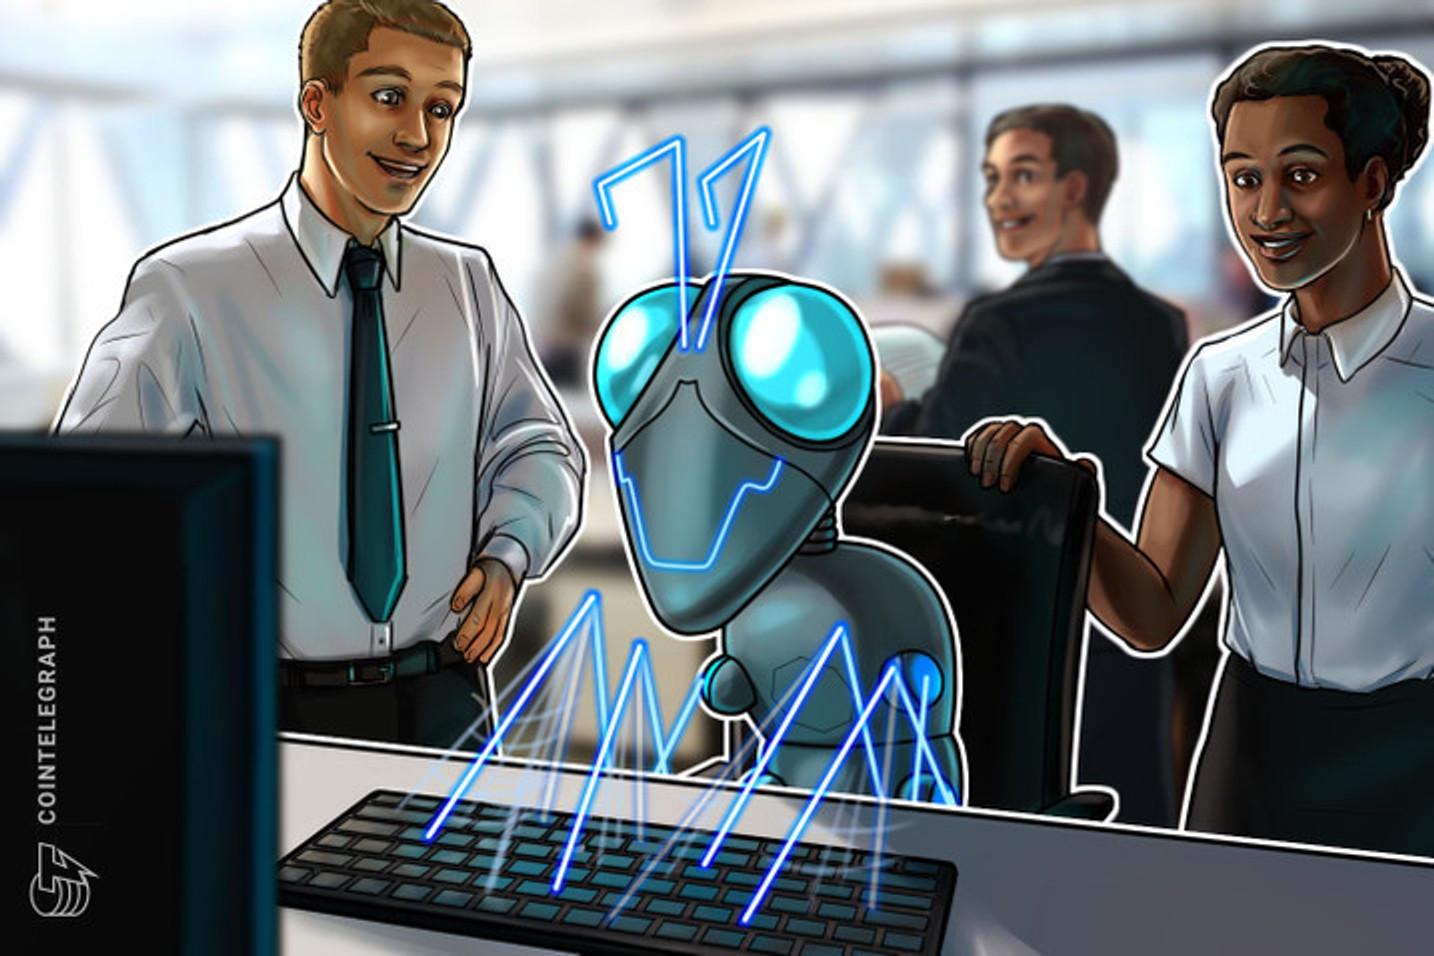 Realizarán un hackathon de identidad digital autosoberana en América Latina